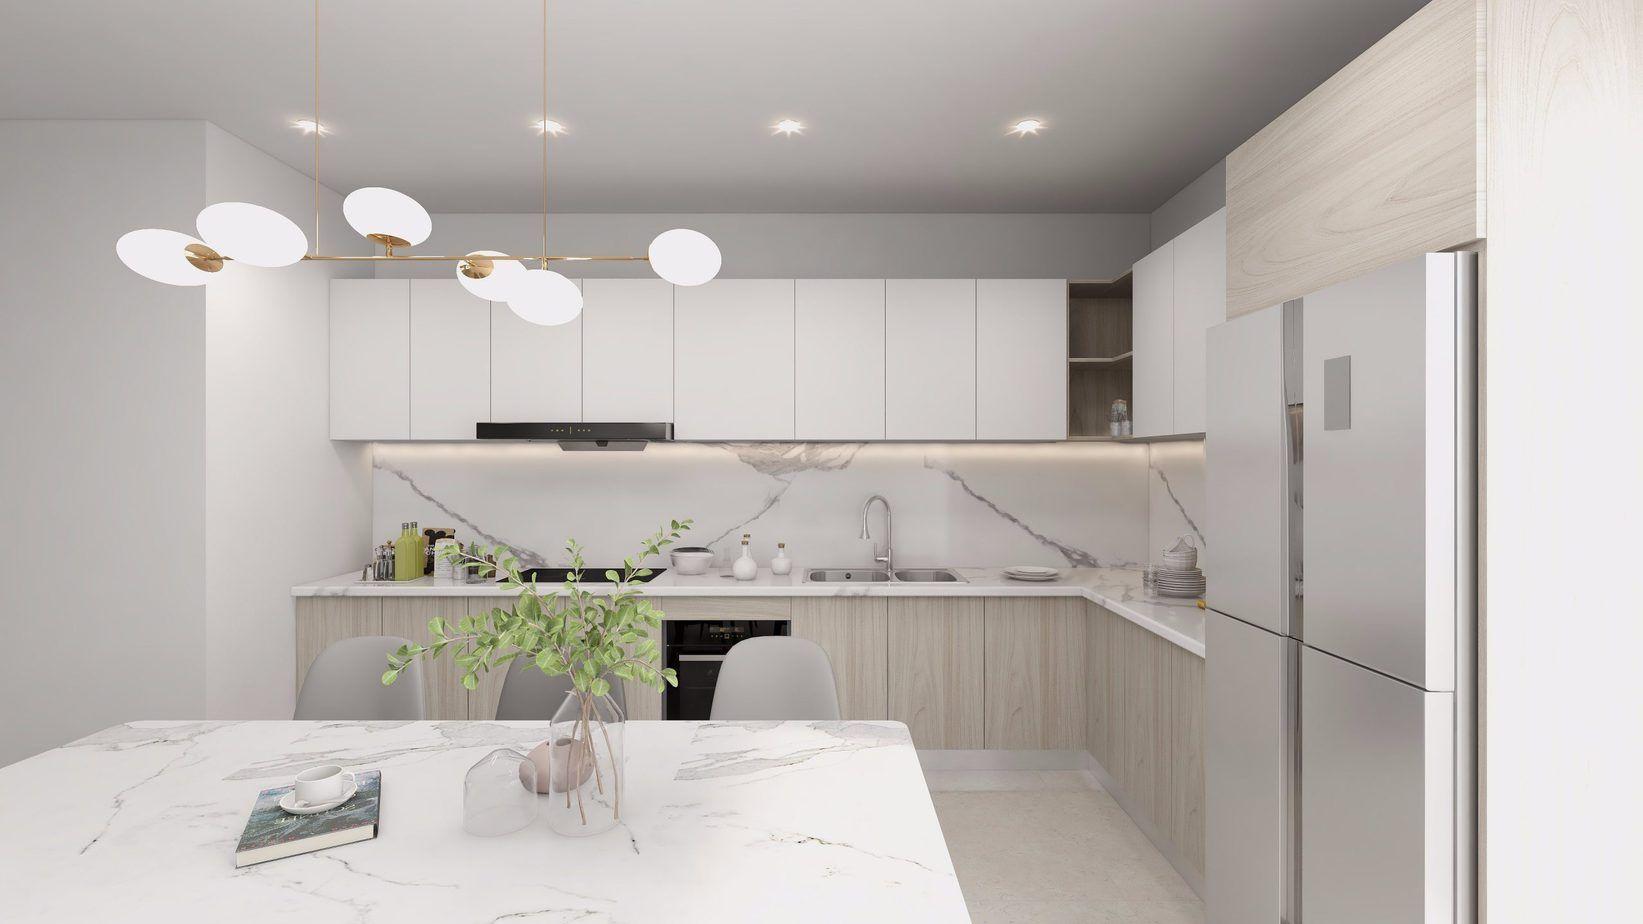 Làm thế nào để giữ tủ bếp màu trắng của bạn luôn sạch sẽ?